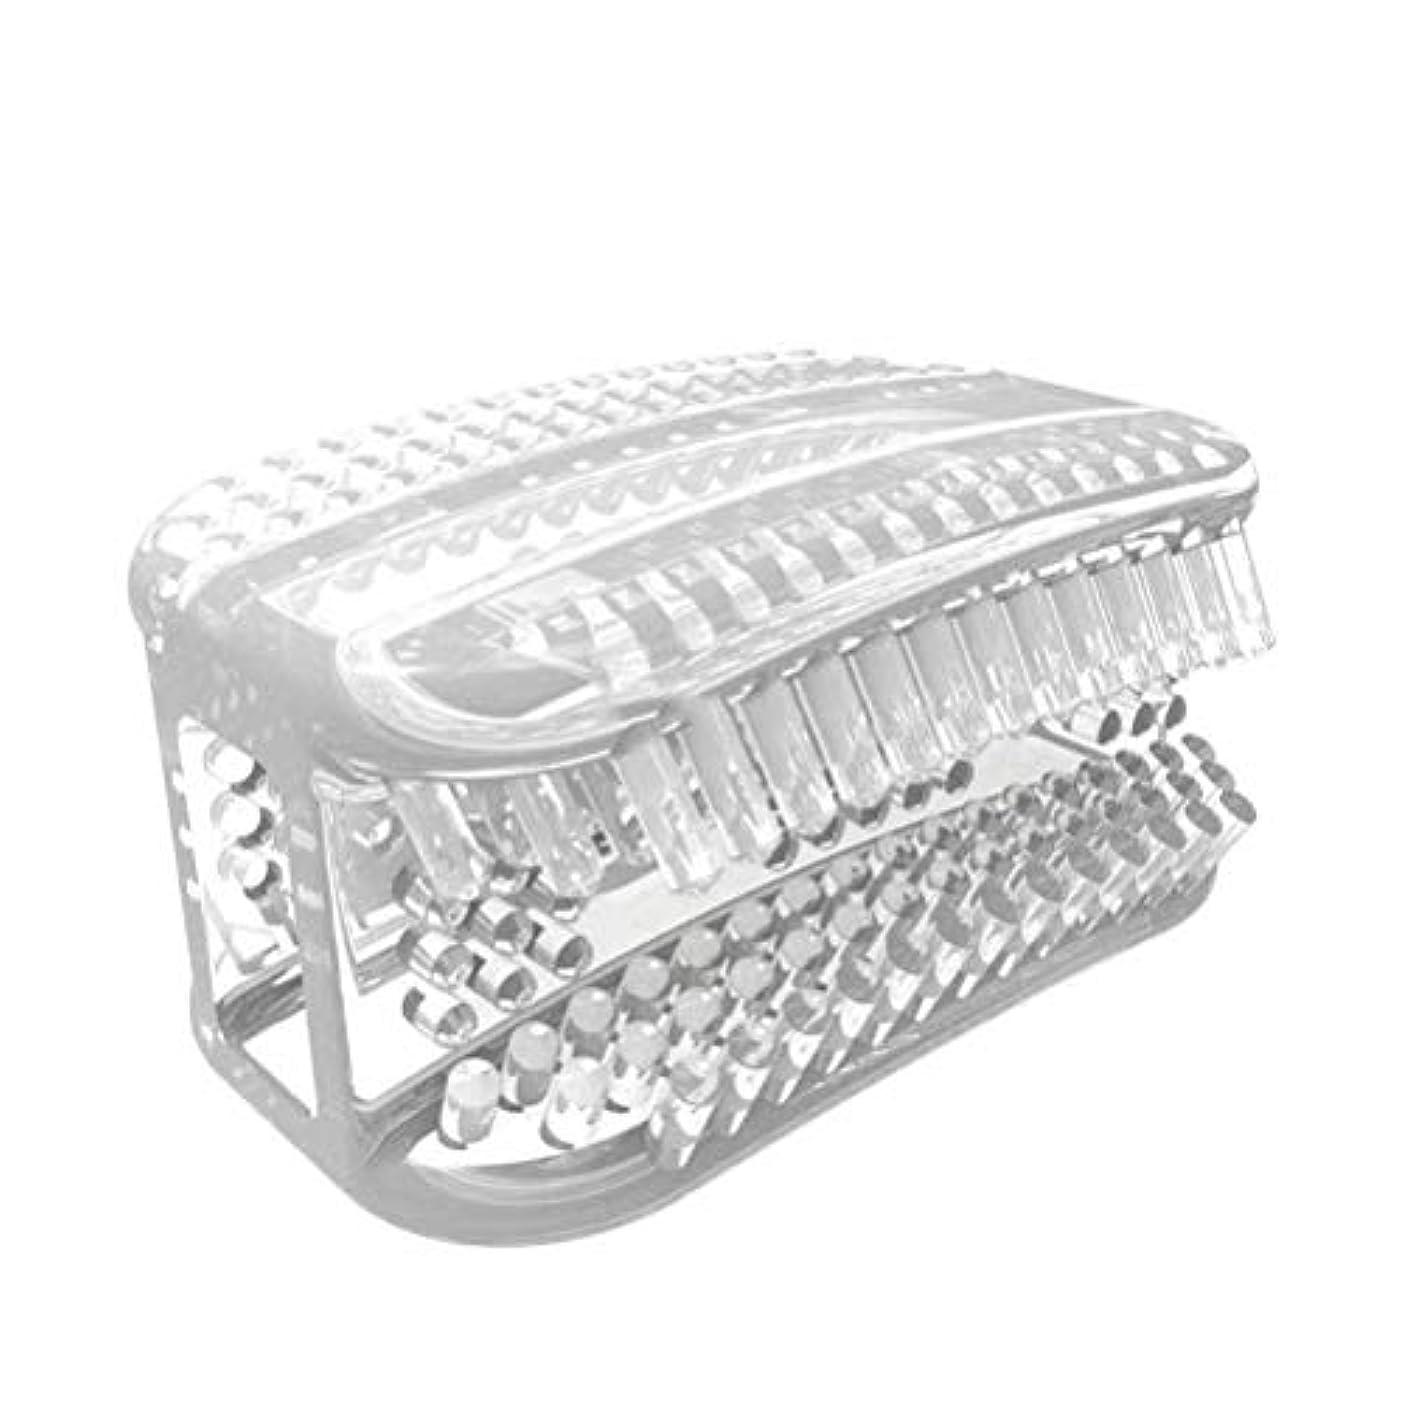 明るくする致命的なシャベルHealifty 便利な歯ブラシ怠惰な咀嚼ポータブルミニホワイトニング歯ブラシ歯のクリーニングツール(透明ホワイト)